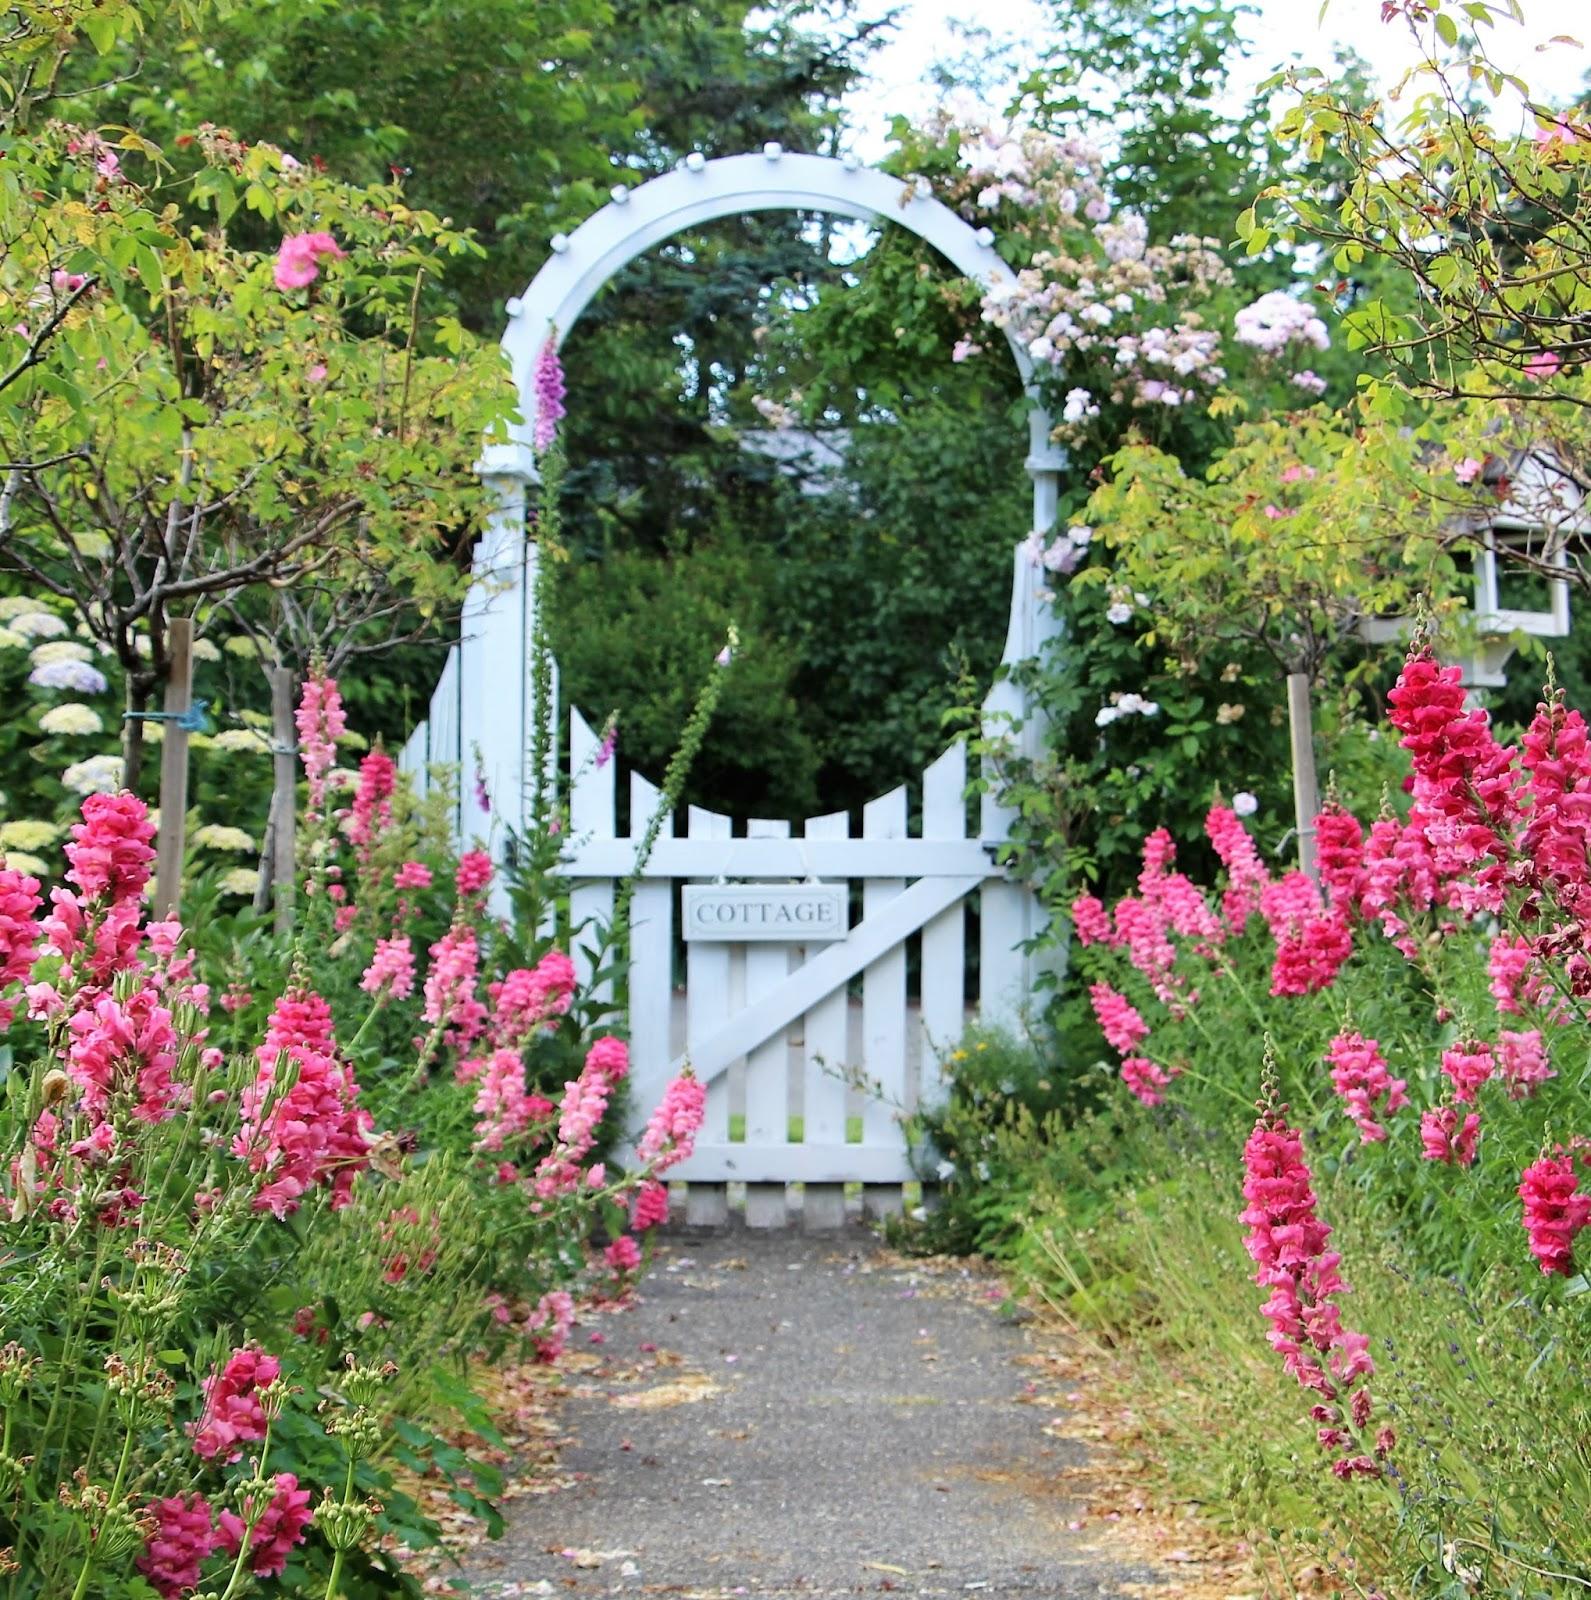 Garden Cottage: Fishtail Cottage: Cottage Garden 6/9/16